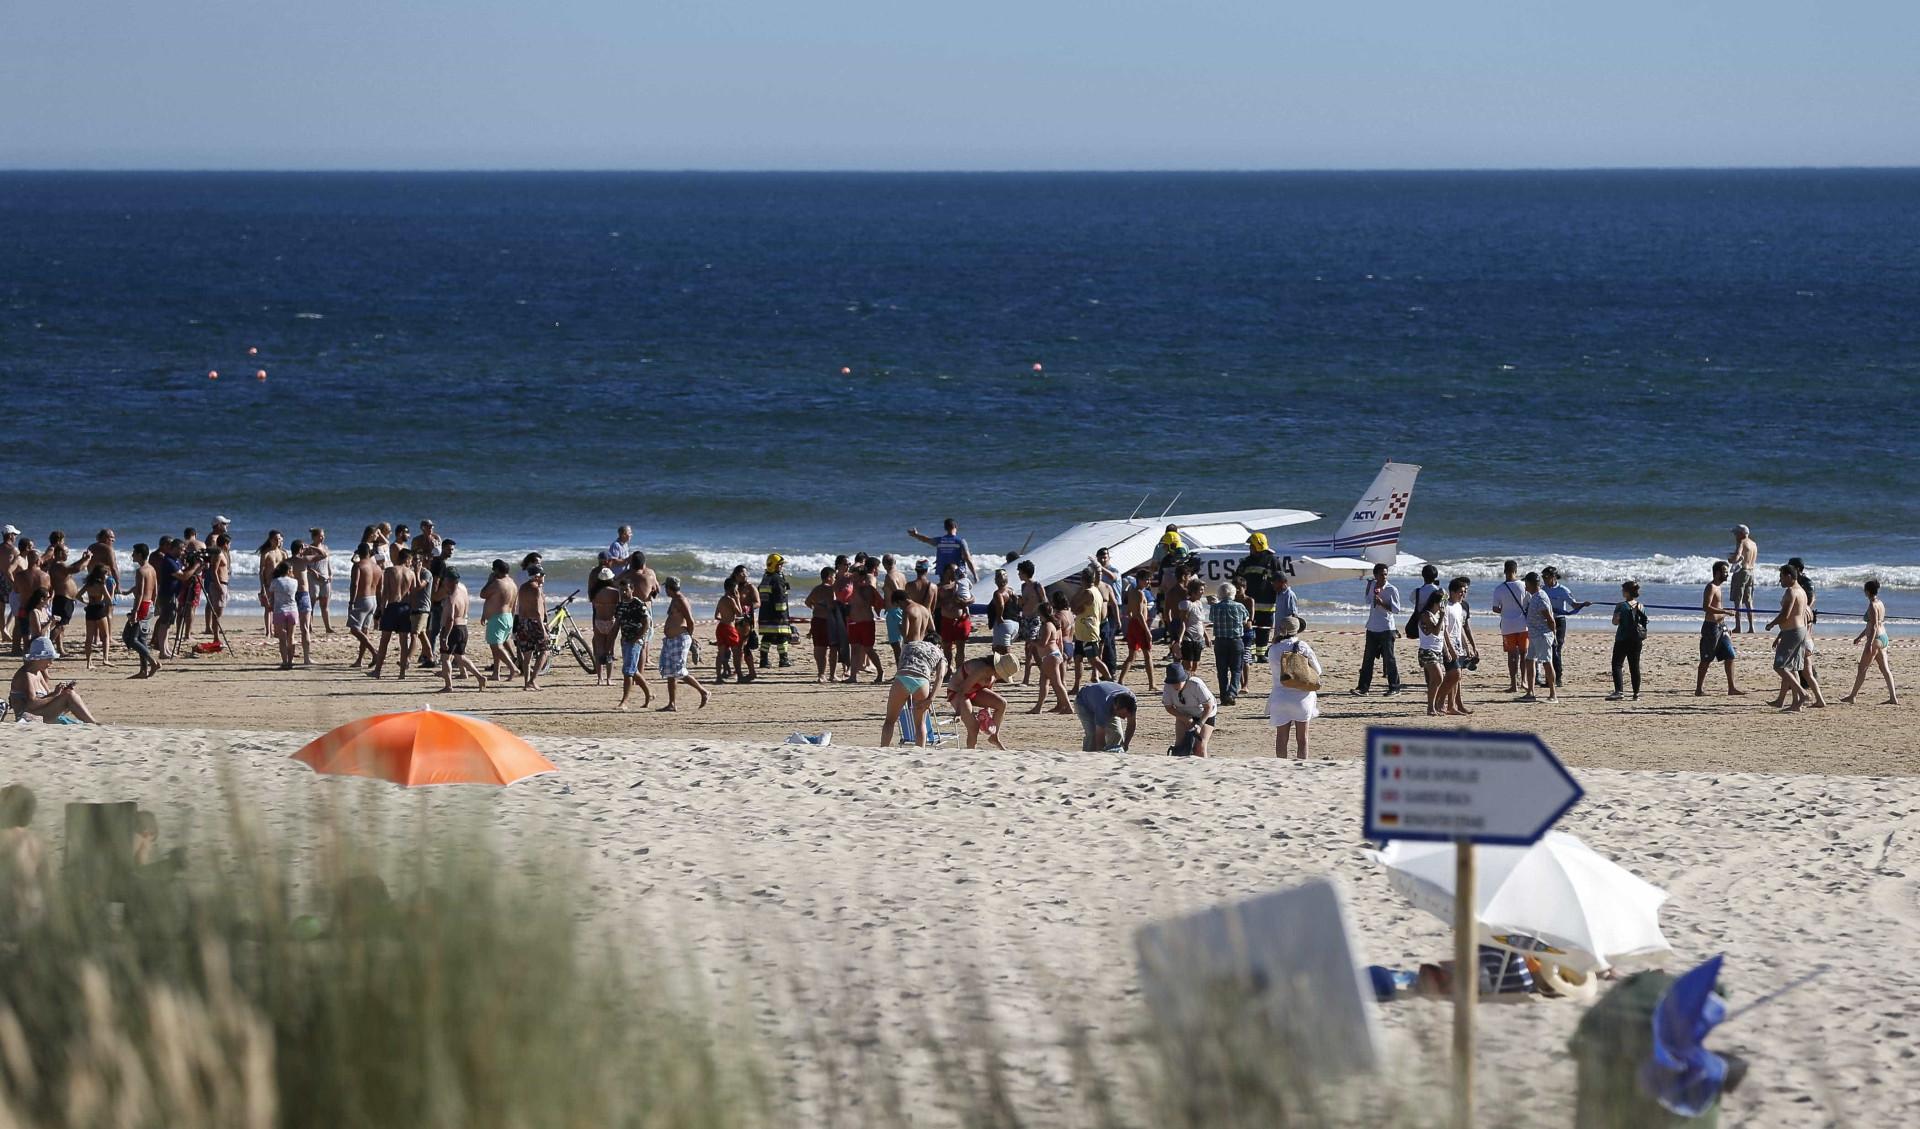 Veio do céu e sem aviso a tragédia que roubou vidas num dia de praia